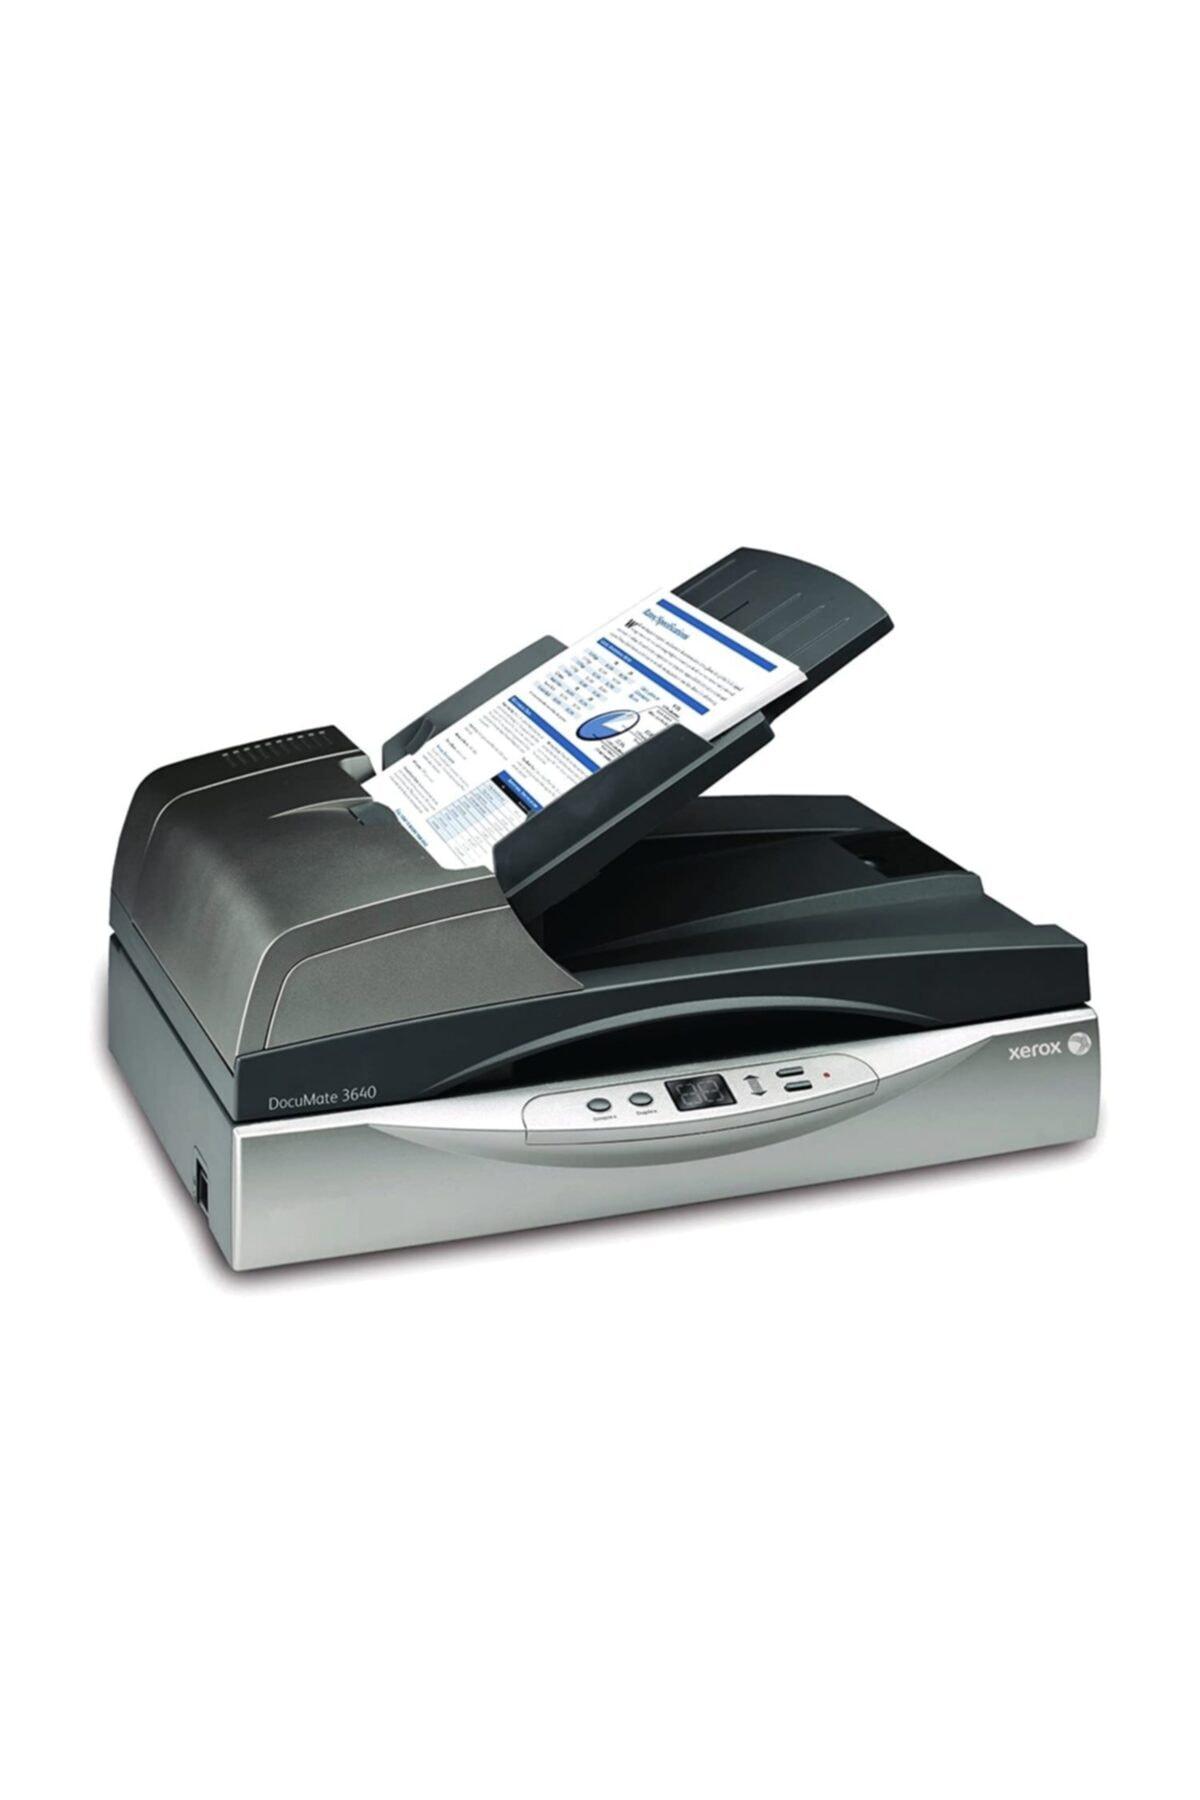 XEROS Xerox Documate 3640 1